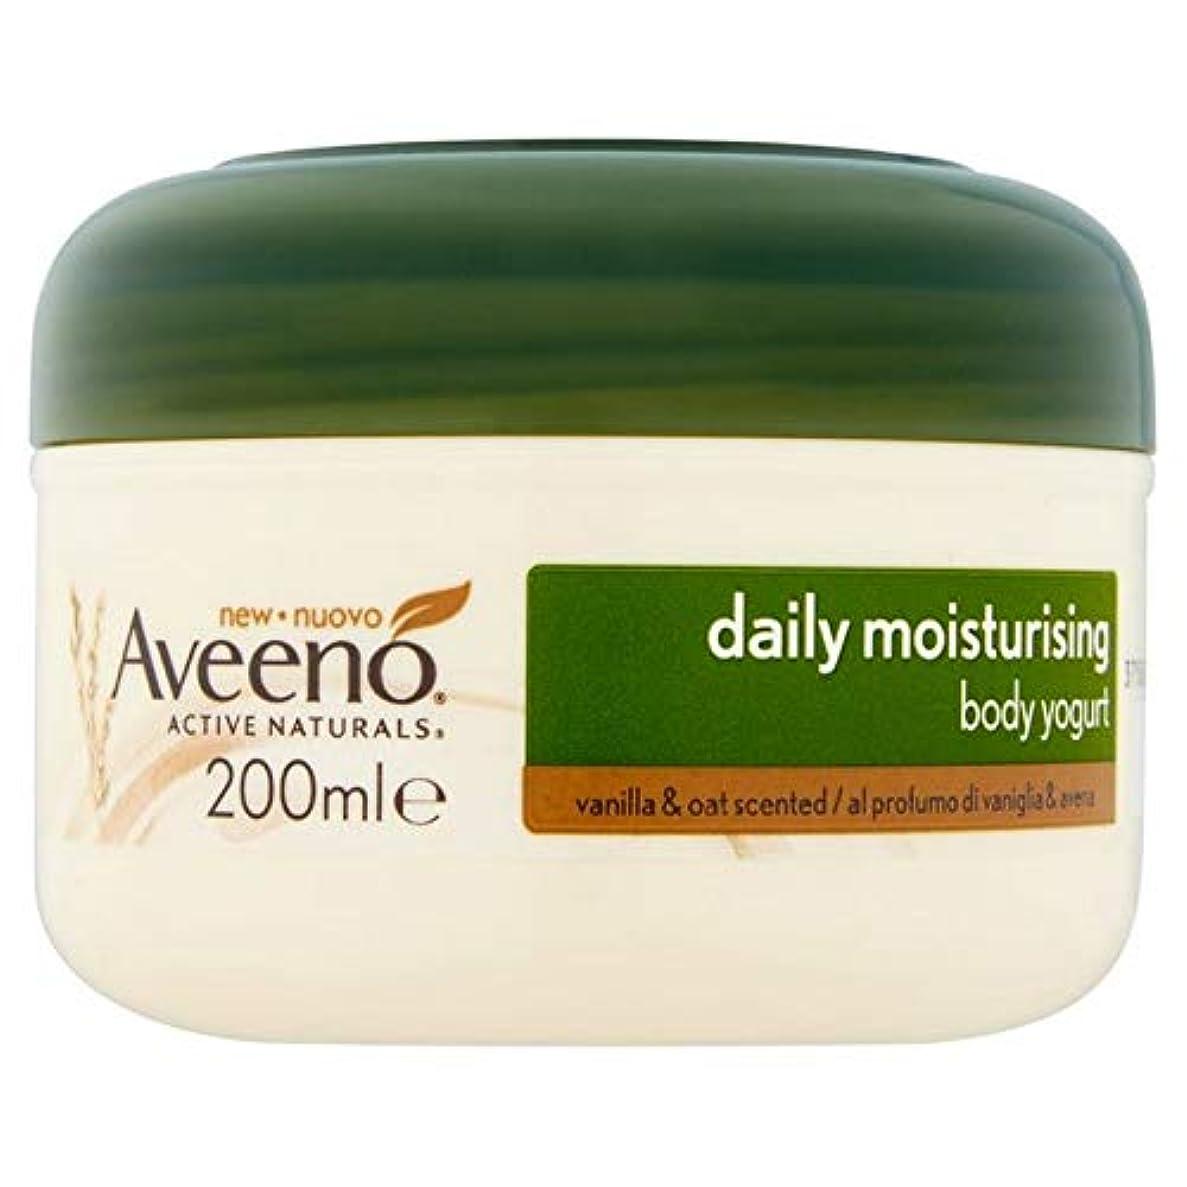 ポジティブチケット証言する[Aveeno] Aveeno毎日保湿ボディヨーグルトバニラ&オーツの200ミリリットル - Aveeno Daily Moisturising Body Yogurts Vanilla & Oats 200ml [並行輸入品]